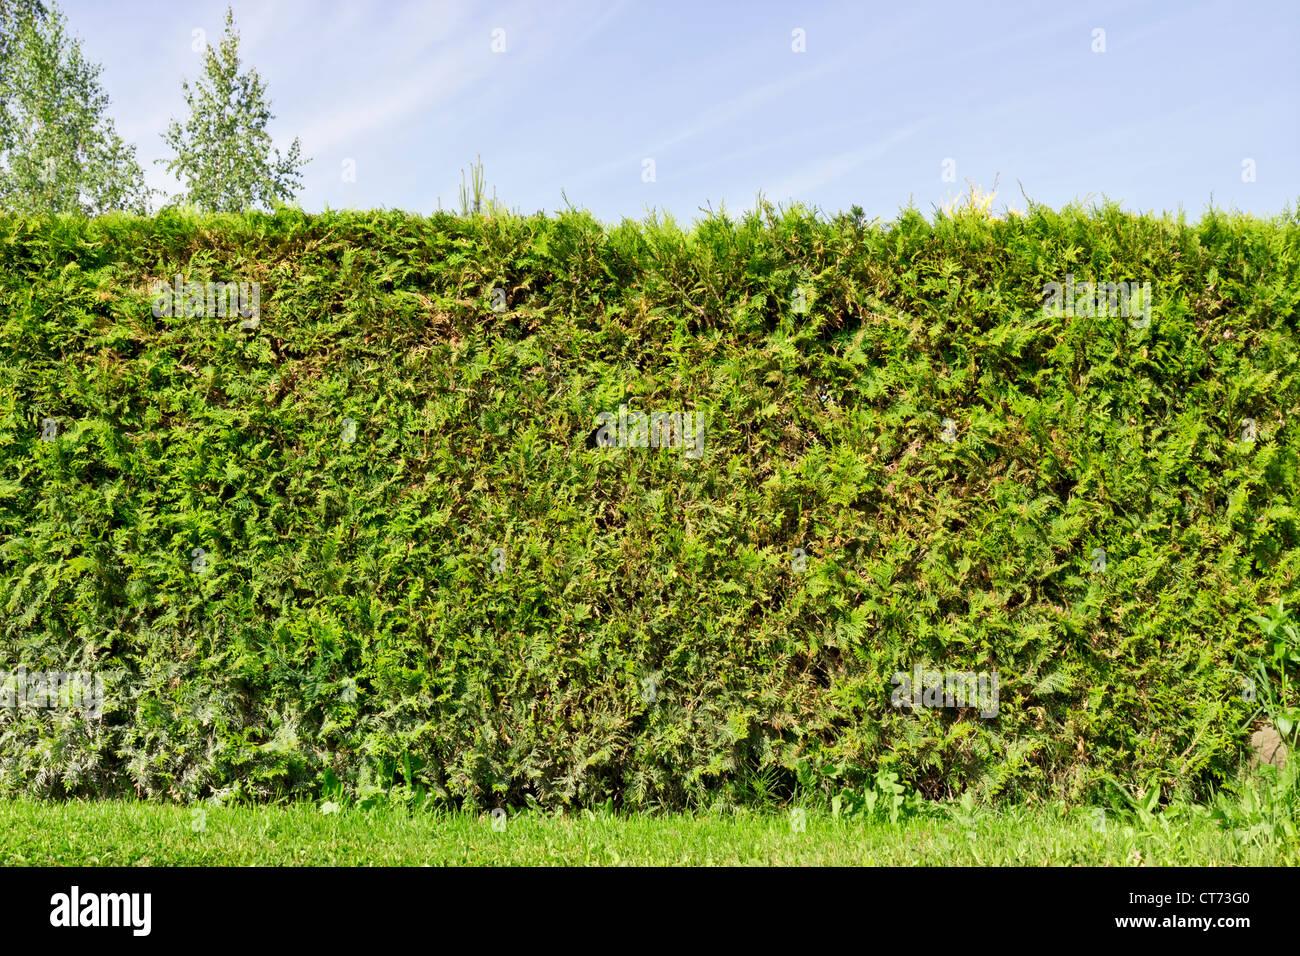 Frammento di una recinzione rurale hedge da piante sempreverdi ( la Thuja). Giorno d'estate e di sole Immagini Stock